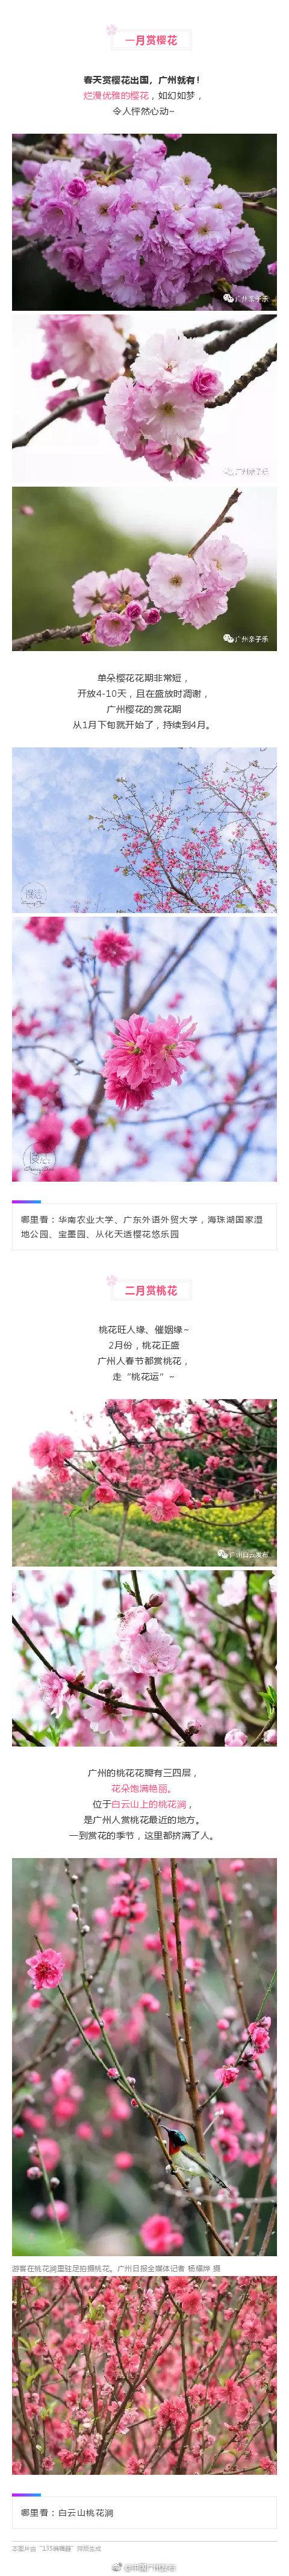 2019广州赏花攻略 全年赏花时间及地点一览